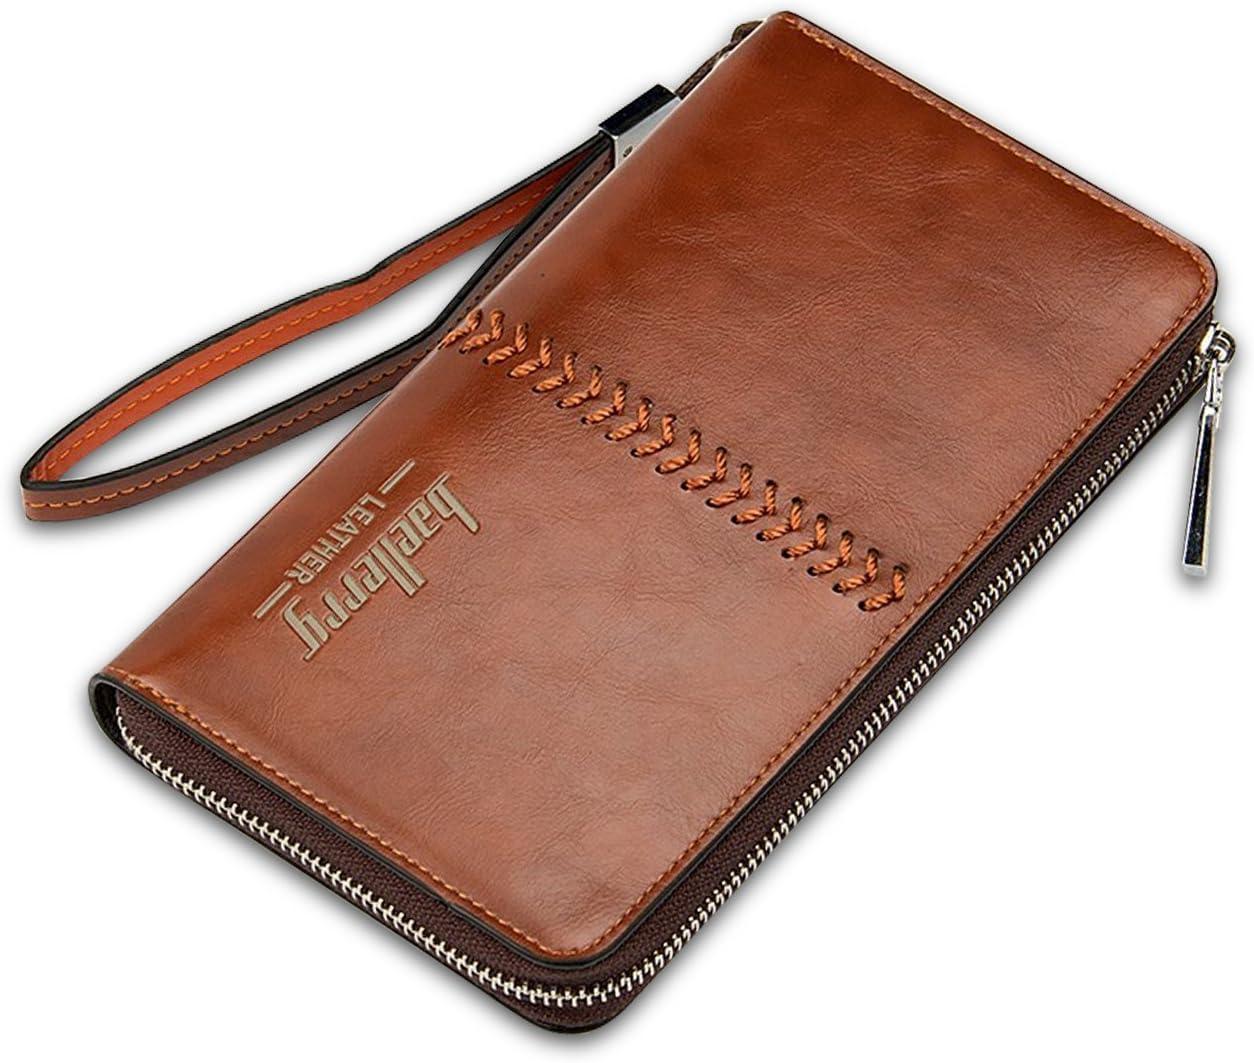 FANDARE Retro Long Portefeuille Hommes Voyager Party /Étudiants Wallet Grande Capacit/é Portable Zipper Purse Imperm/éable PU Brown